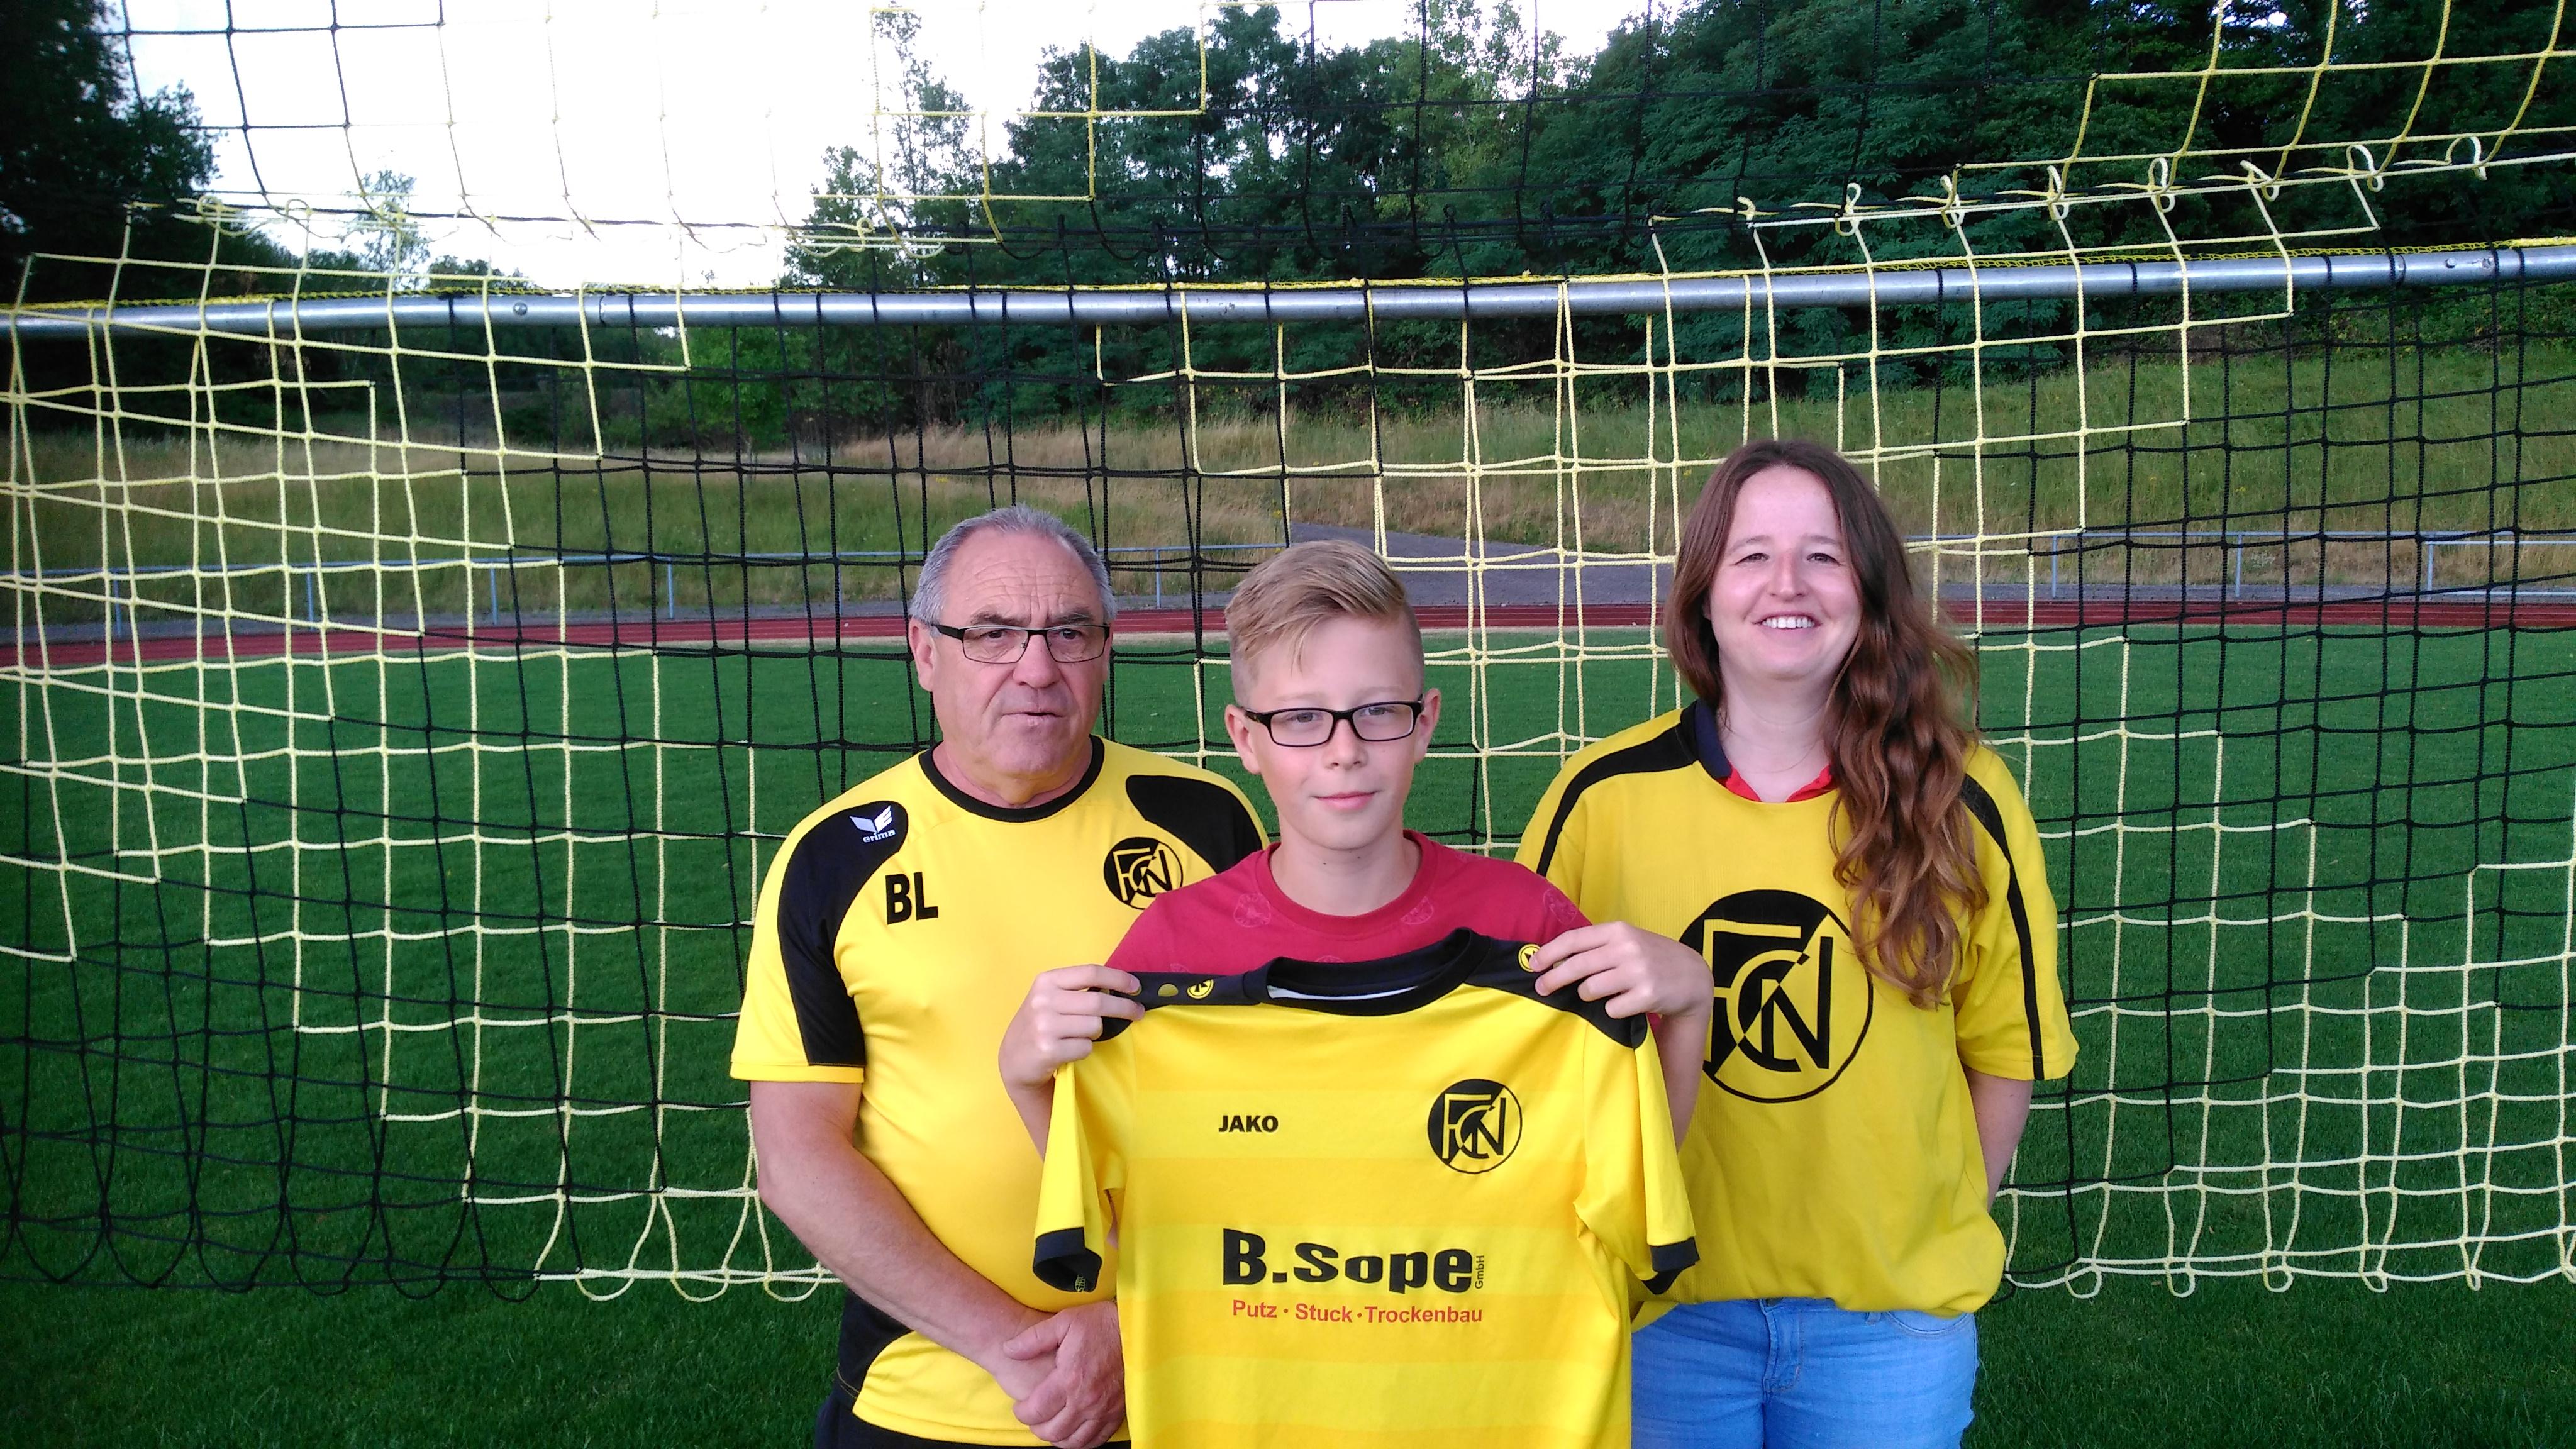 Talentierter Jugendspieler wechselt vom FC Neuenburg zum SC Freiburg